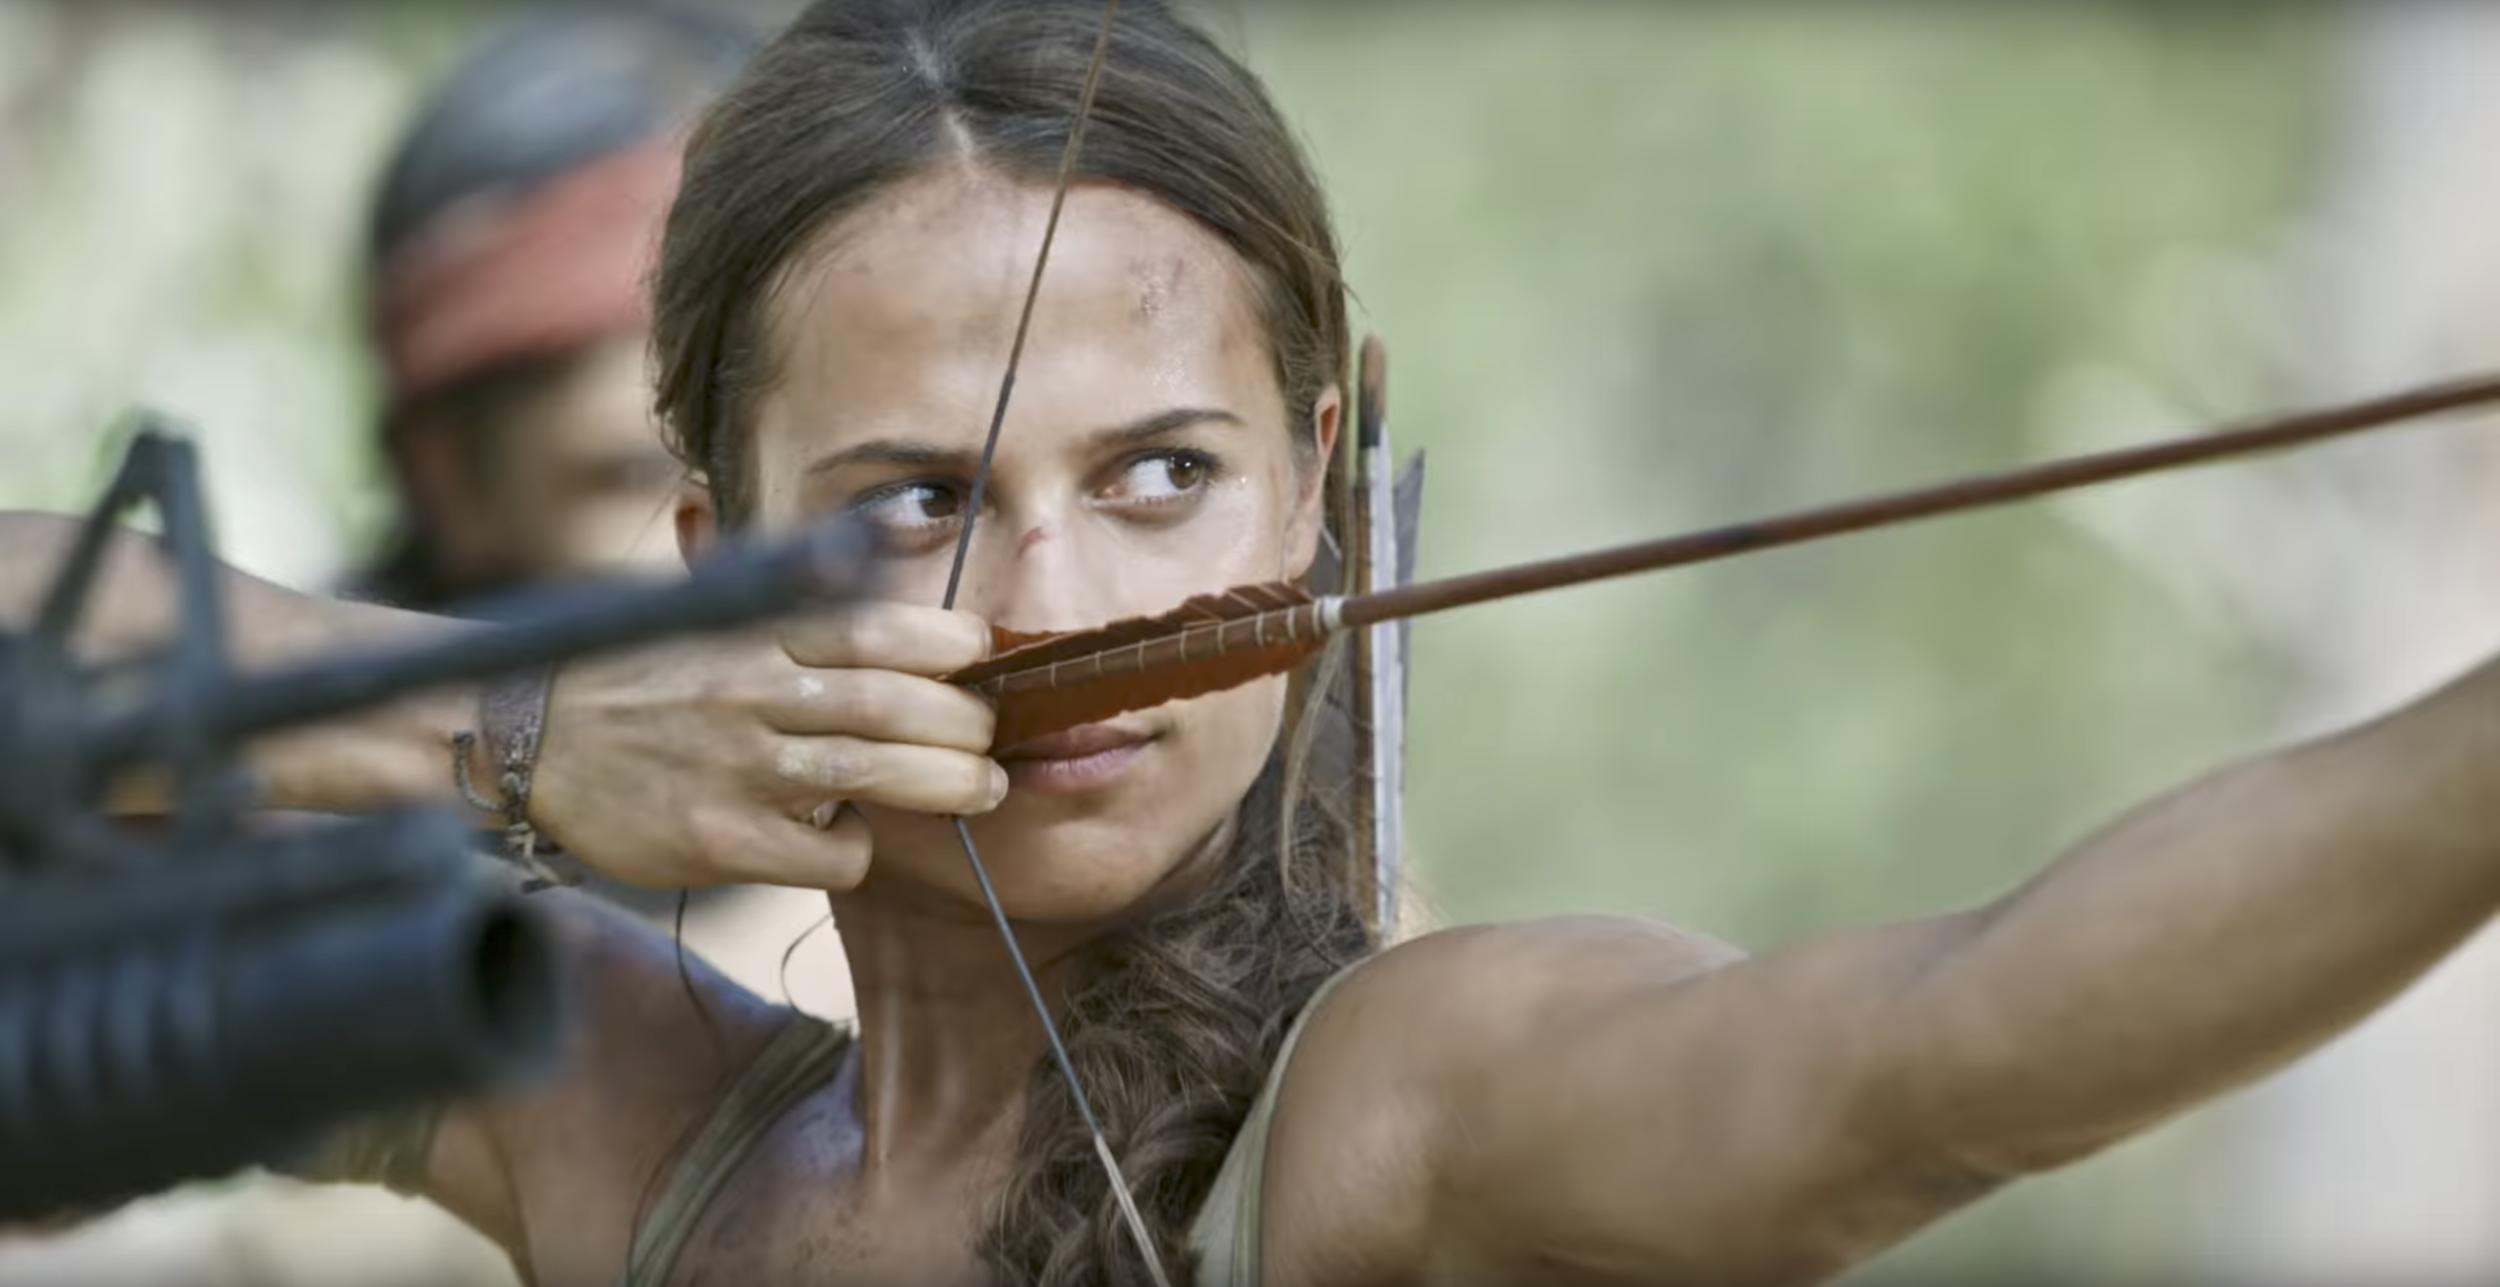 5f42331e0762ce TOMB RAIDER s Alicia Vikander Shows How She Becomes Lara Croft in ...